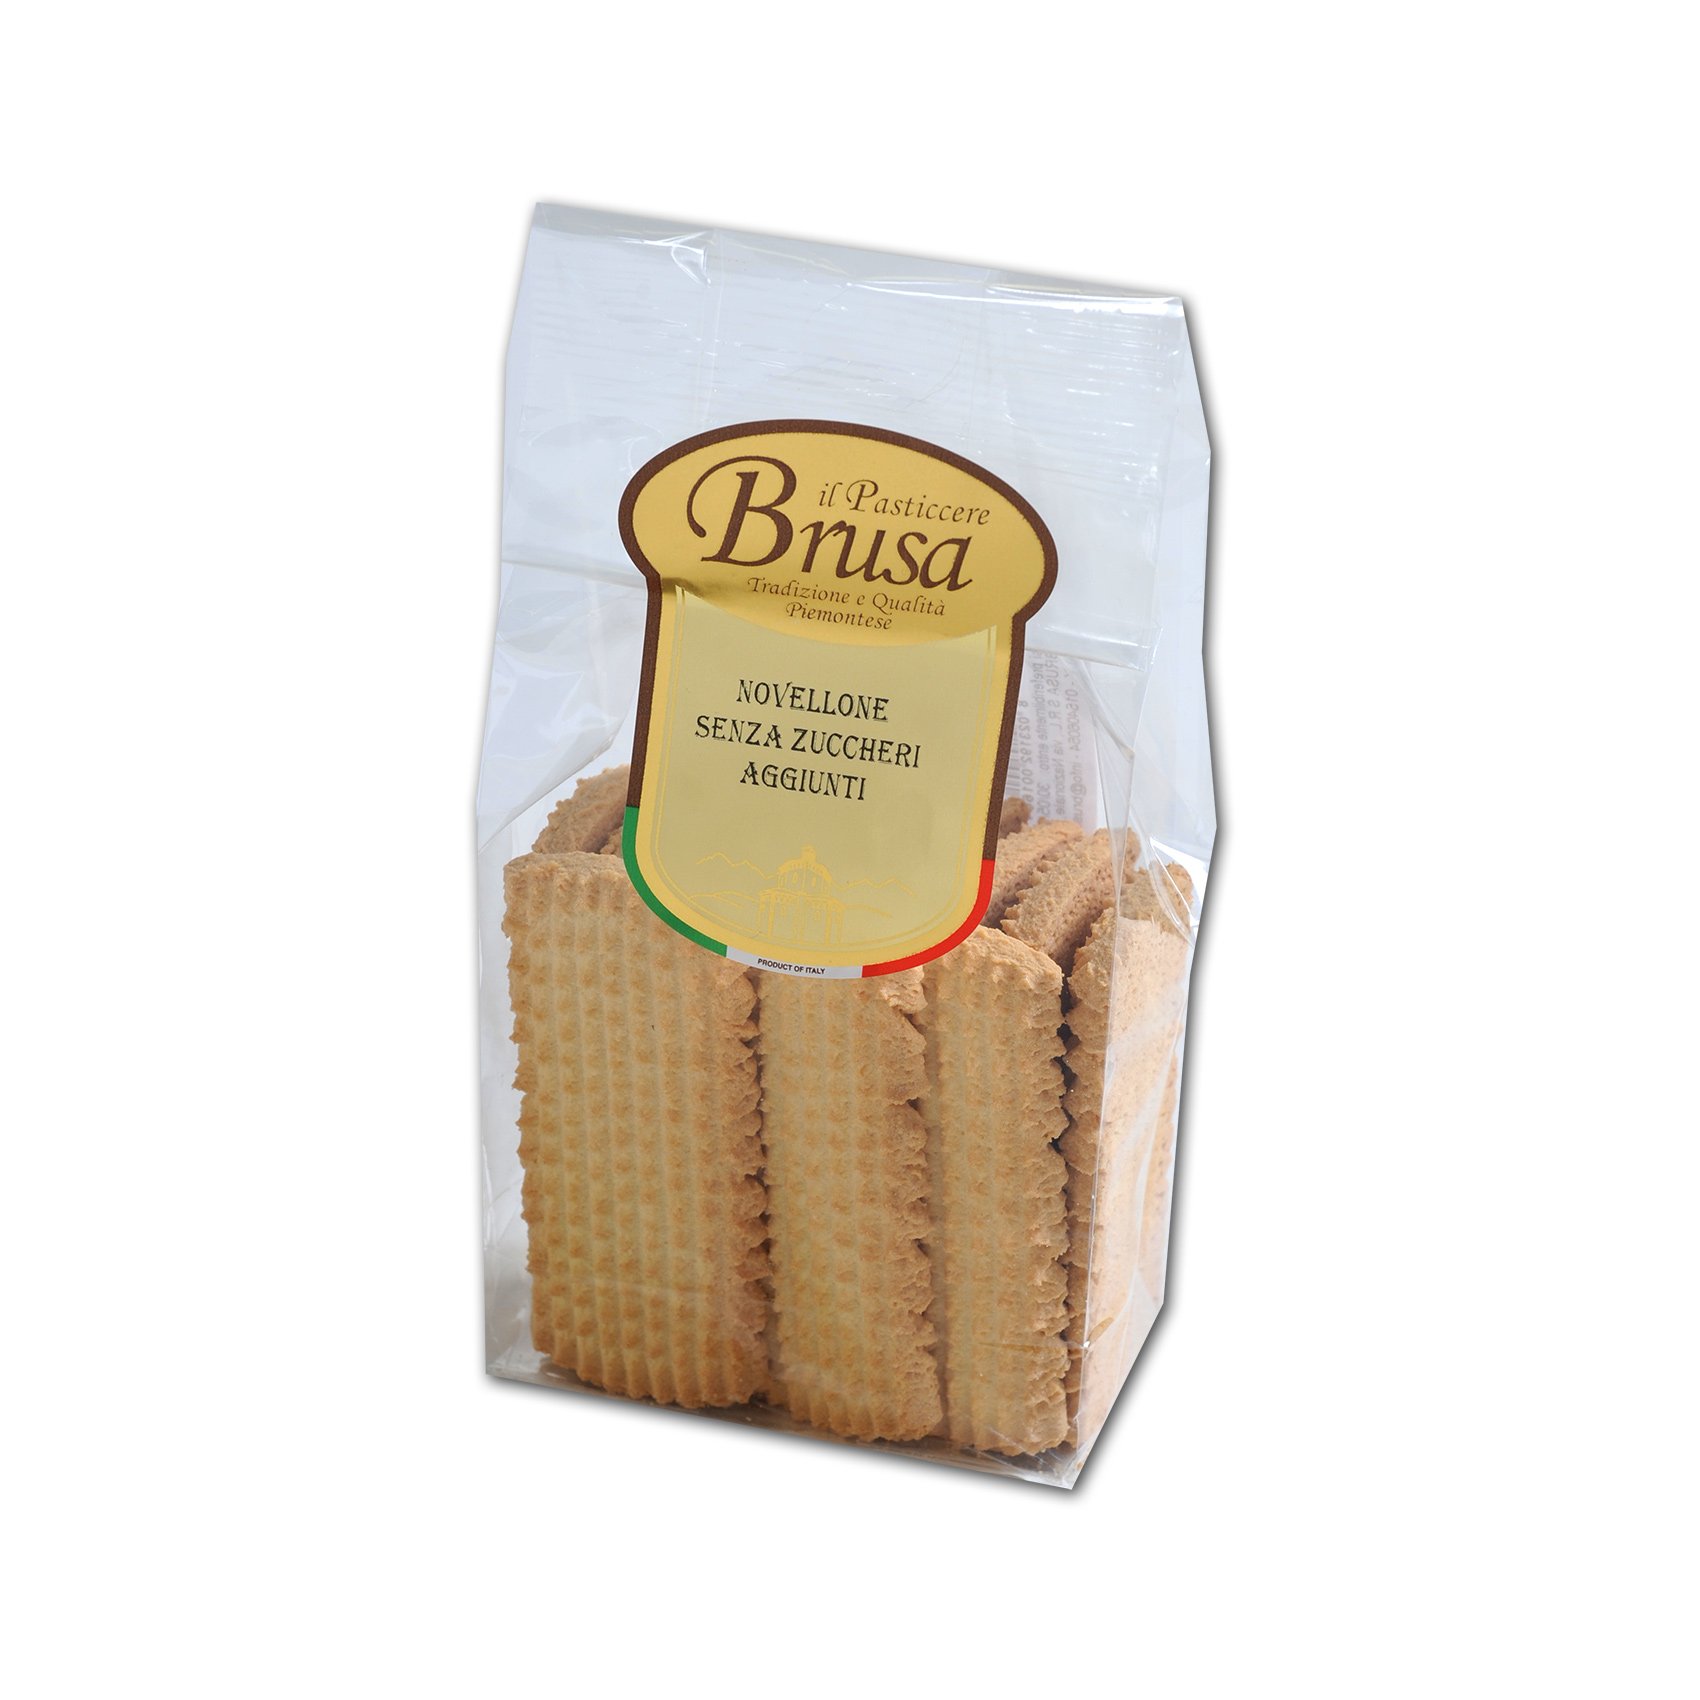 sugar-free-novellone-biscuts-300g